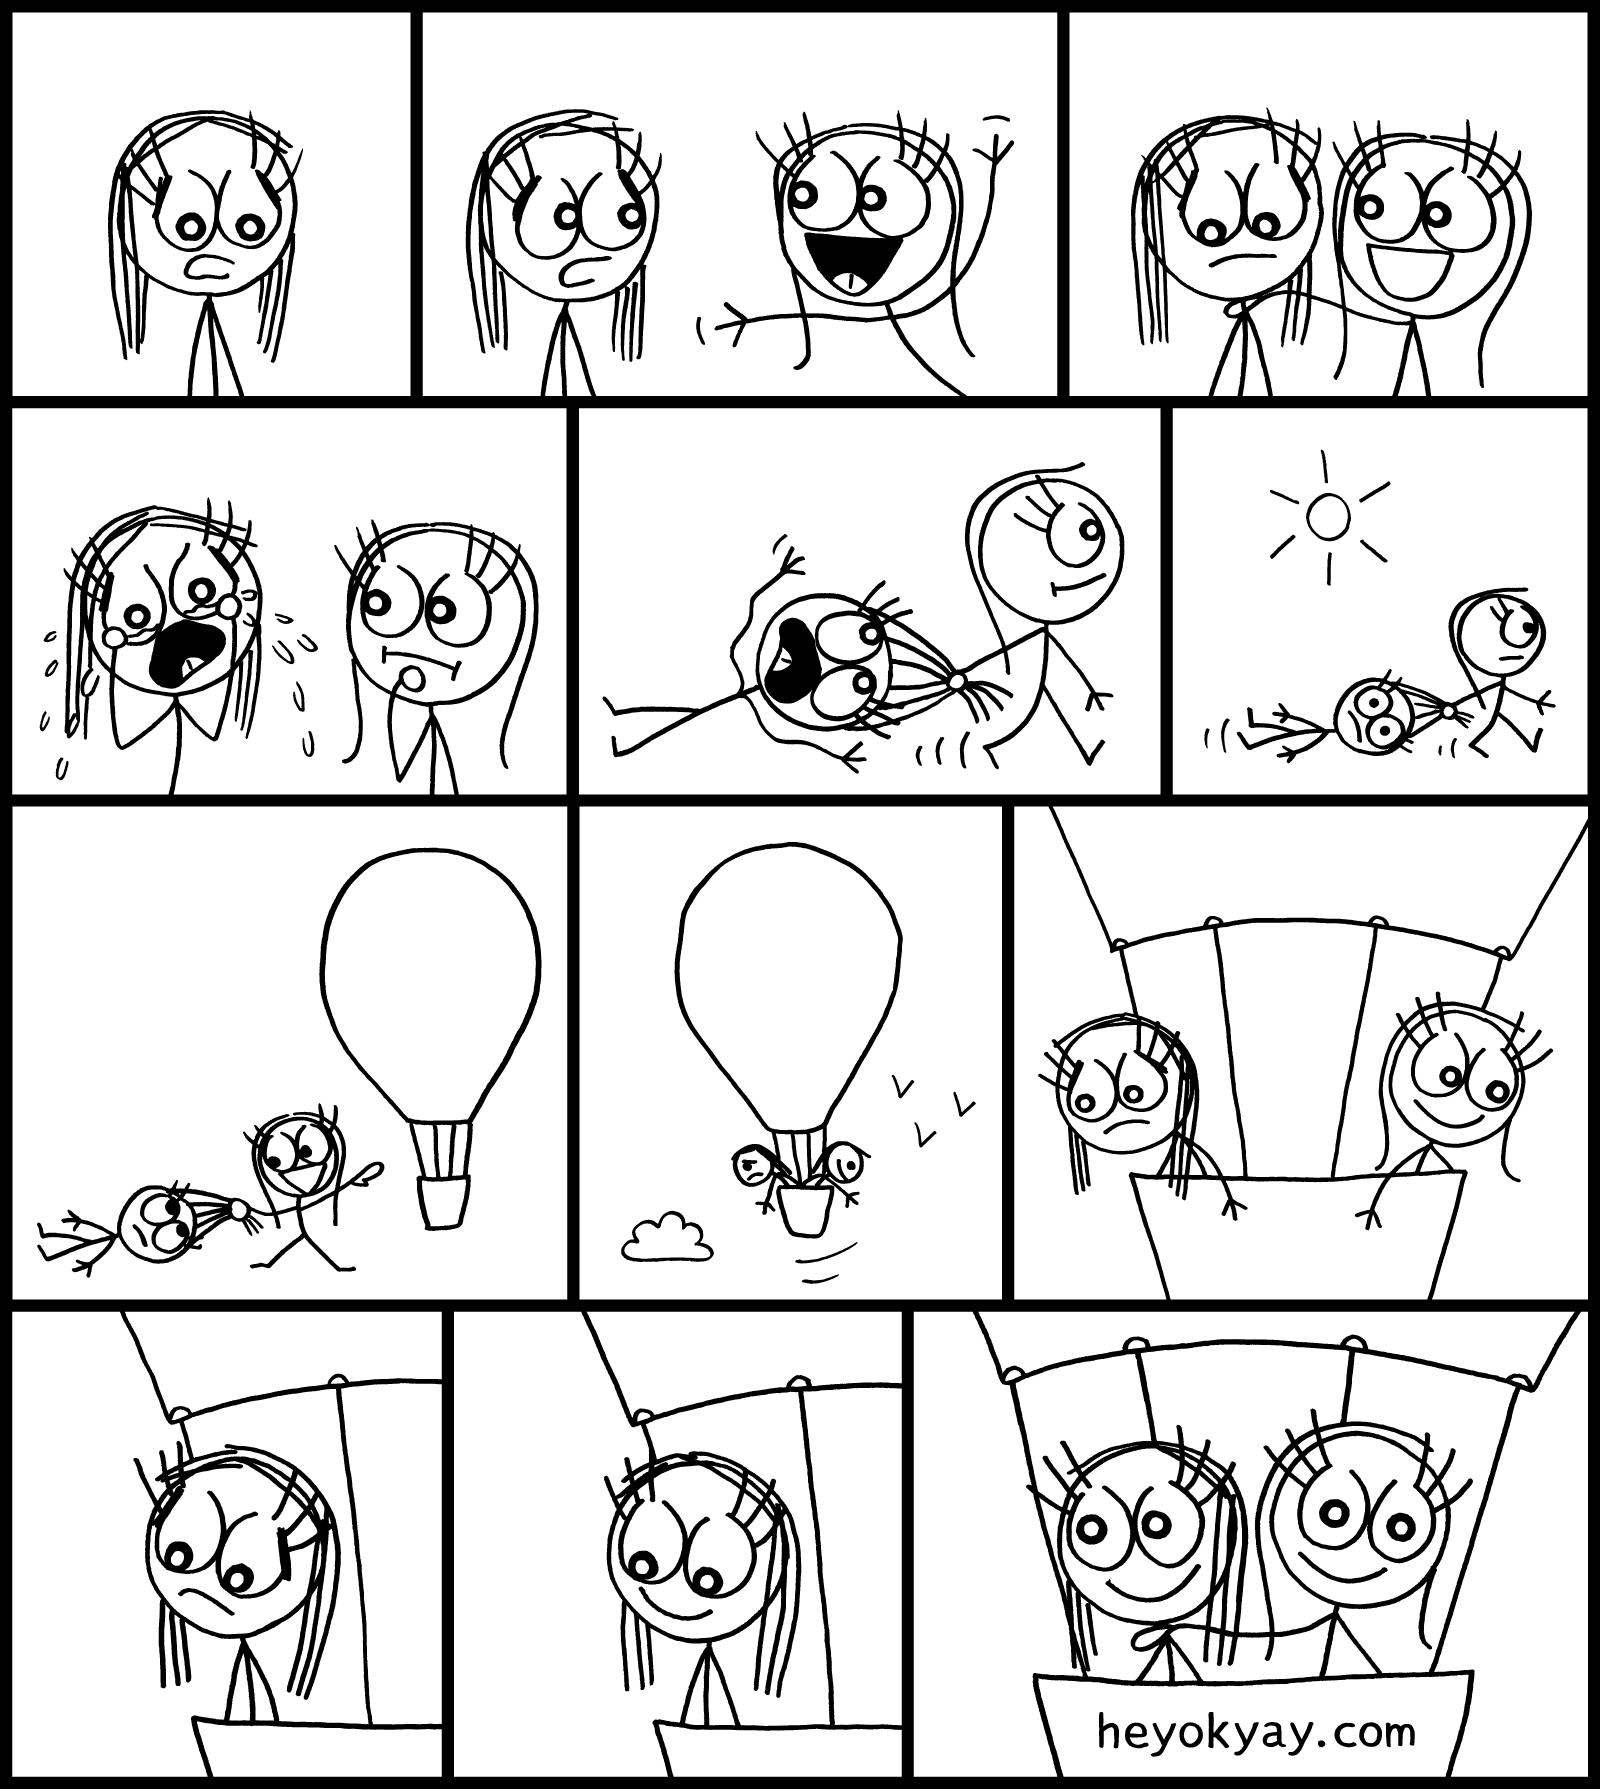 Liftoff heyokyay comic